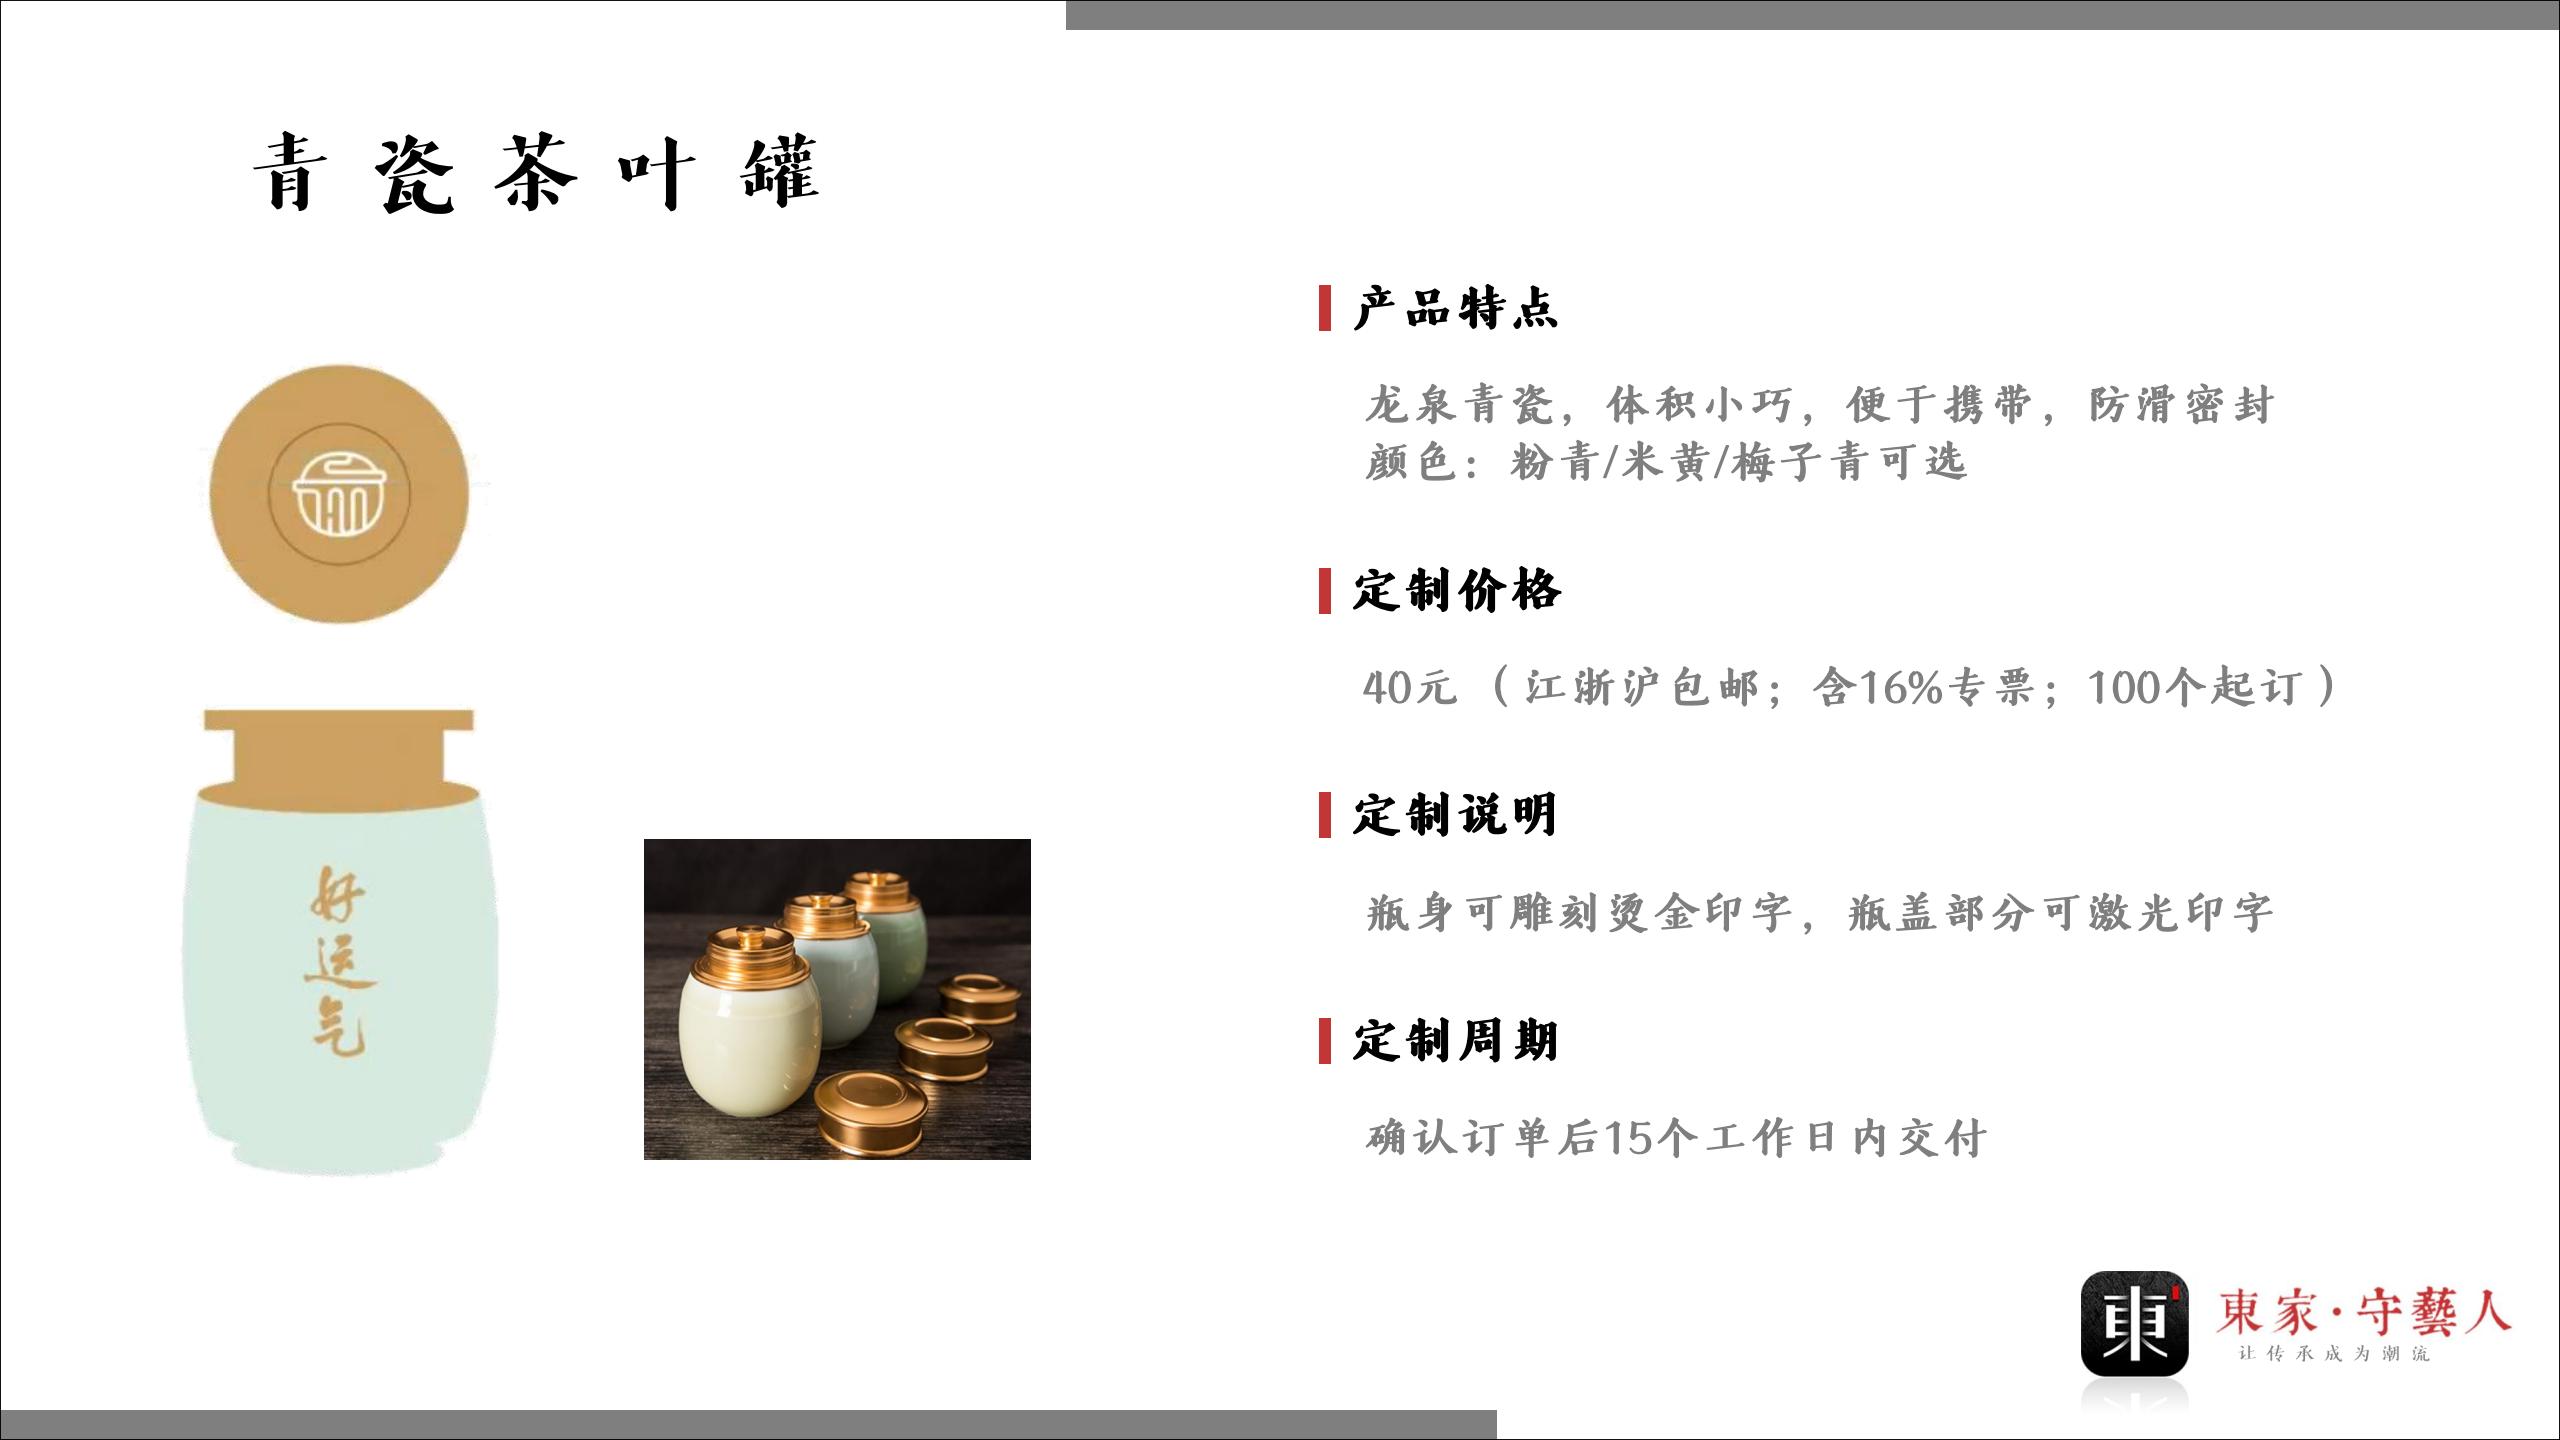 东家定制0831(2)_05.png